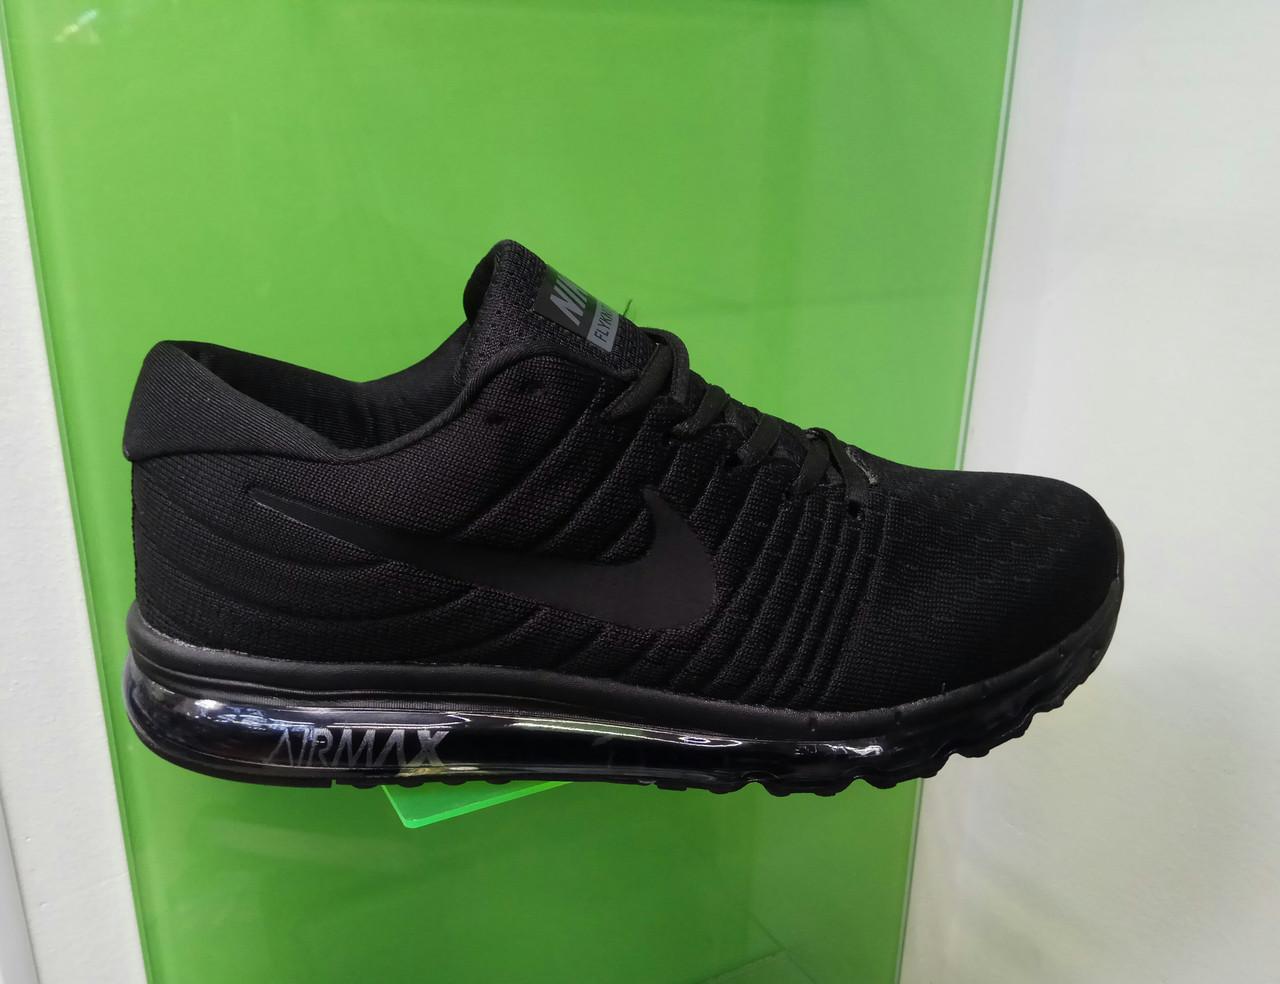 Чоловічі кросівки в стилі Air Max 2017 чорний, розміри з 41 по 45